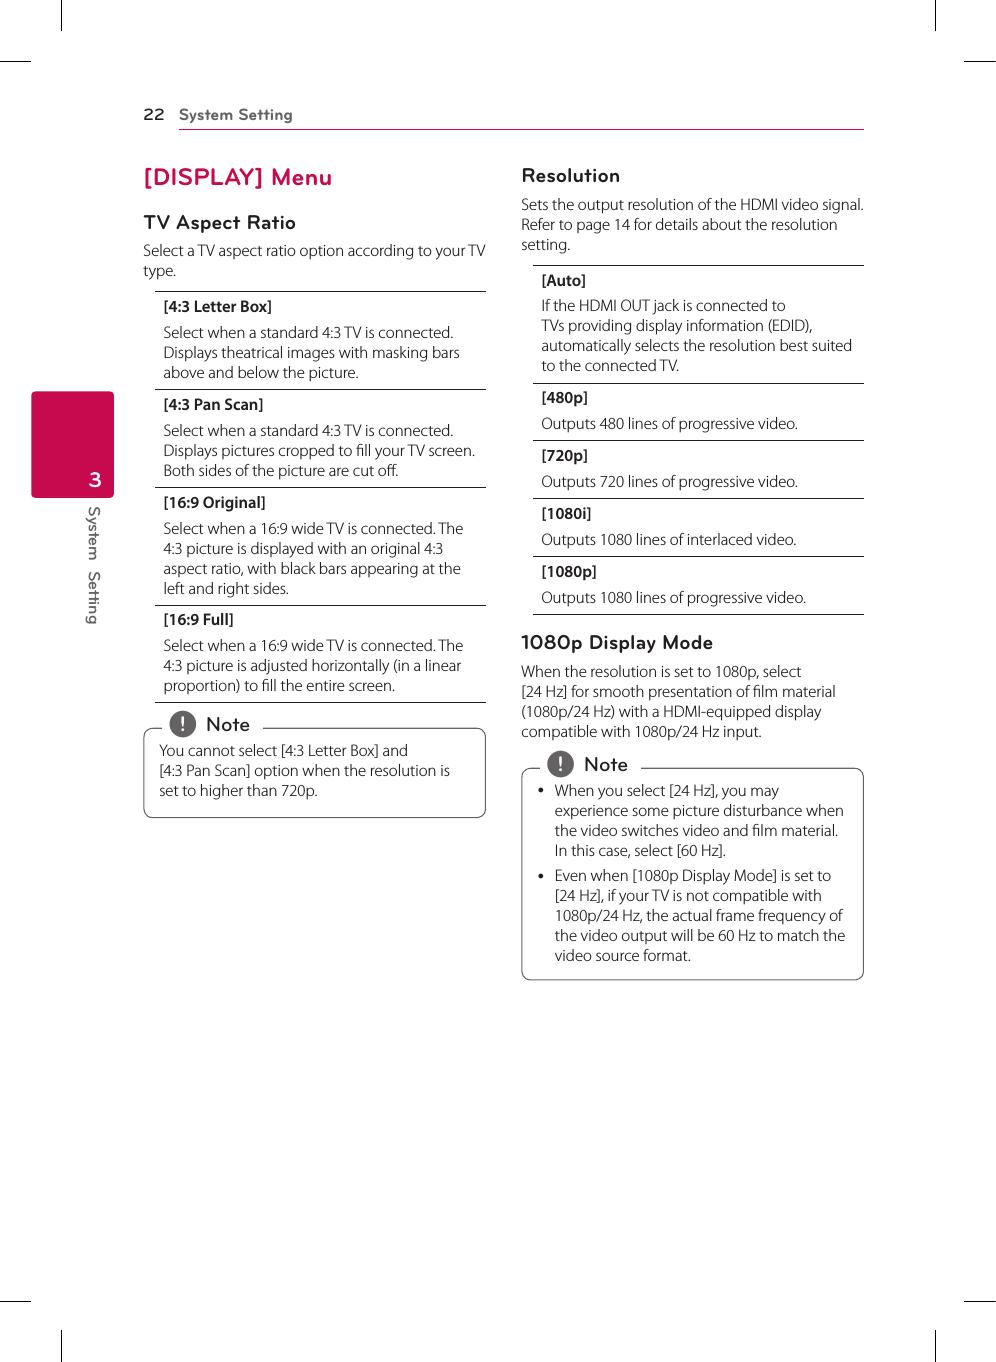 LG BPM35 User Manual Owner's BP350 N(BPM35) MFL68887324 USA